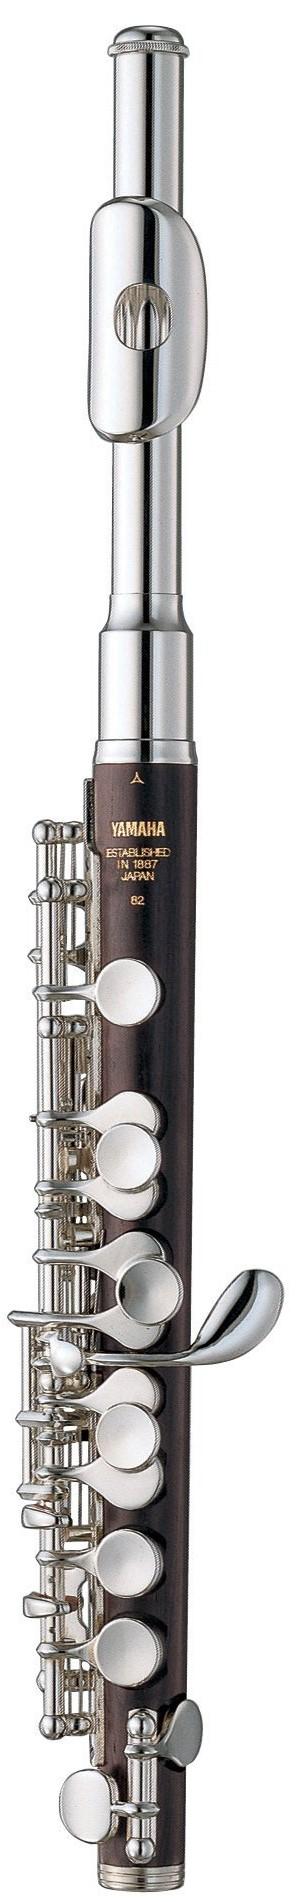 Yamaha - YPC - 62 - M - MK-G - Holzblasinstrumente - Piccolo-Flöten | MUSIK BERTRAM Deutschland Freiburg